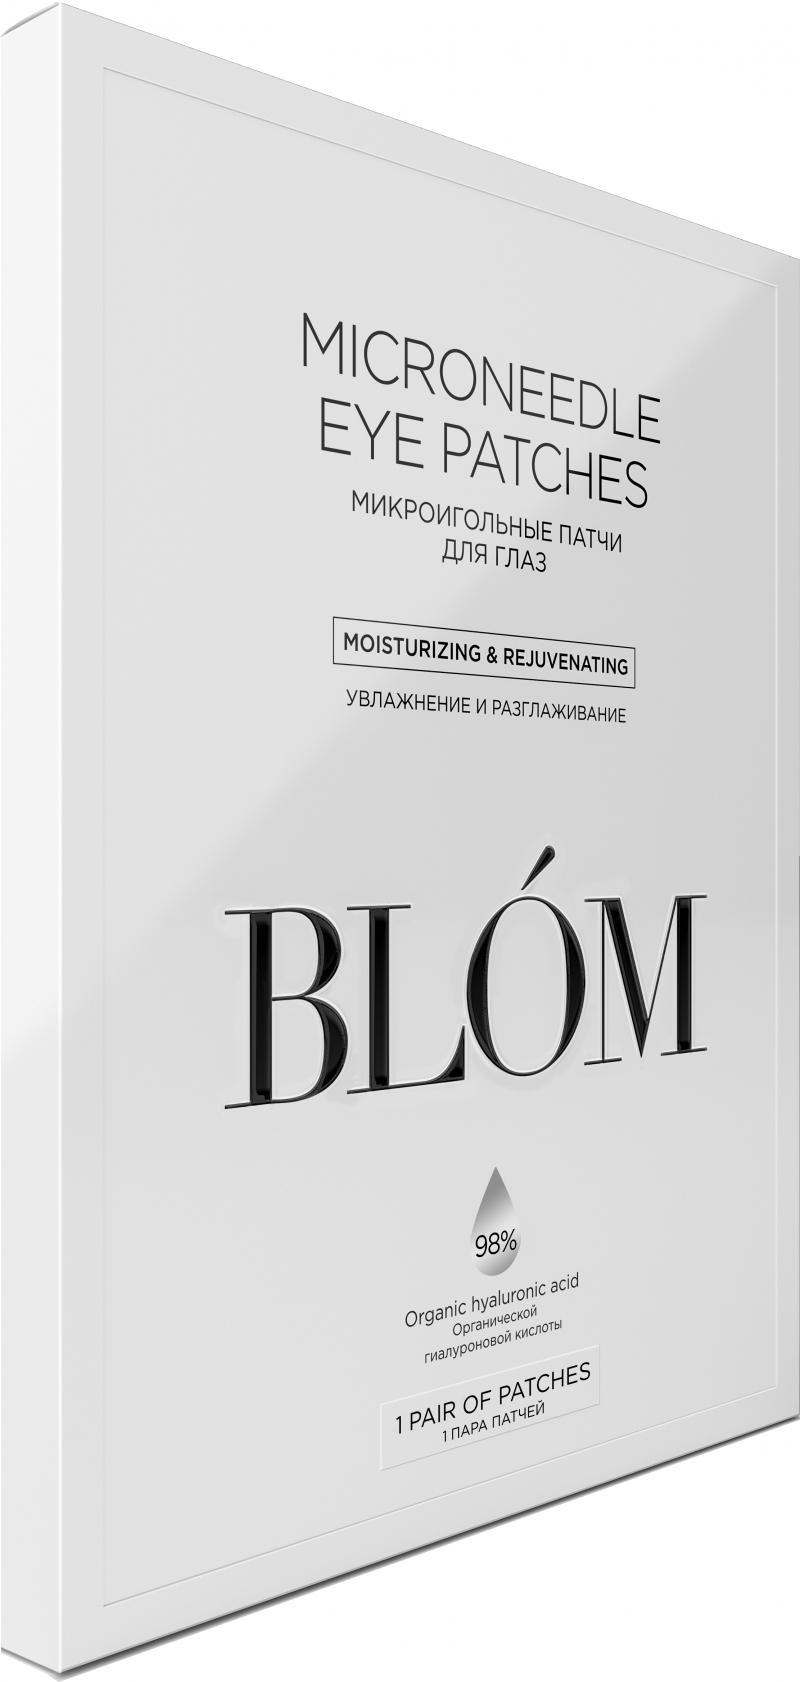 Купить Blom Микроигольные патчи для глаз 1 пара (Blom, Патчи), Россия